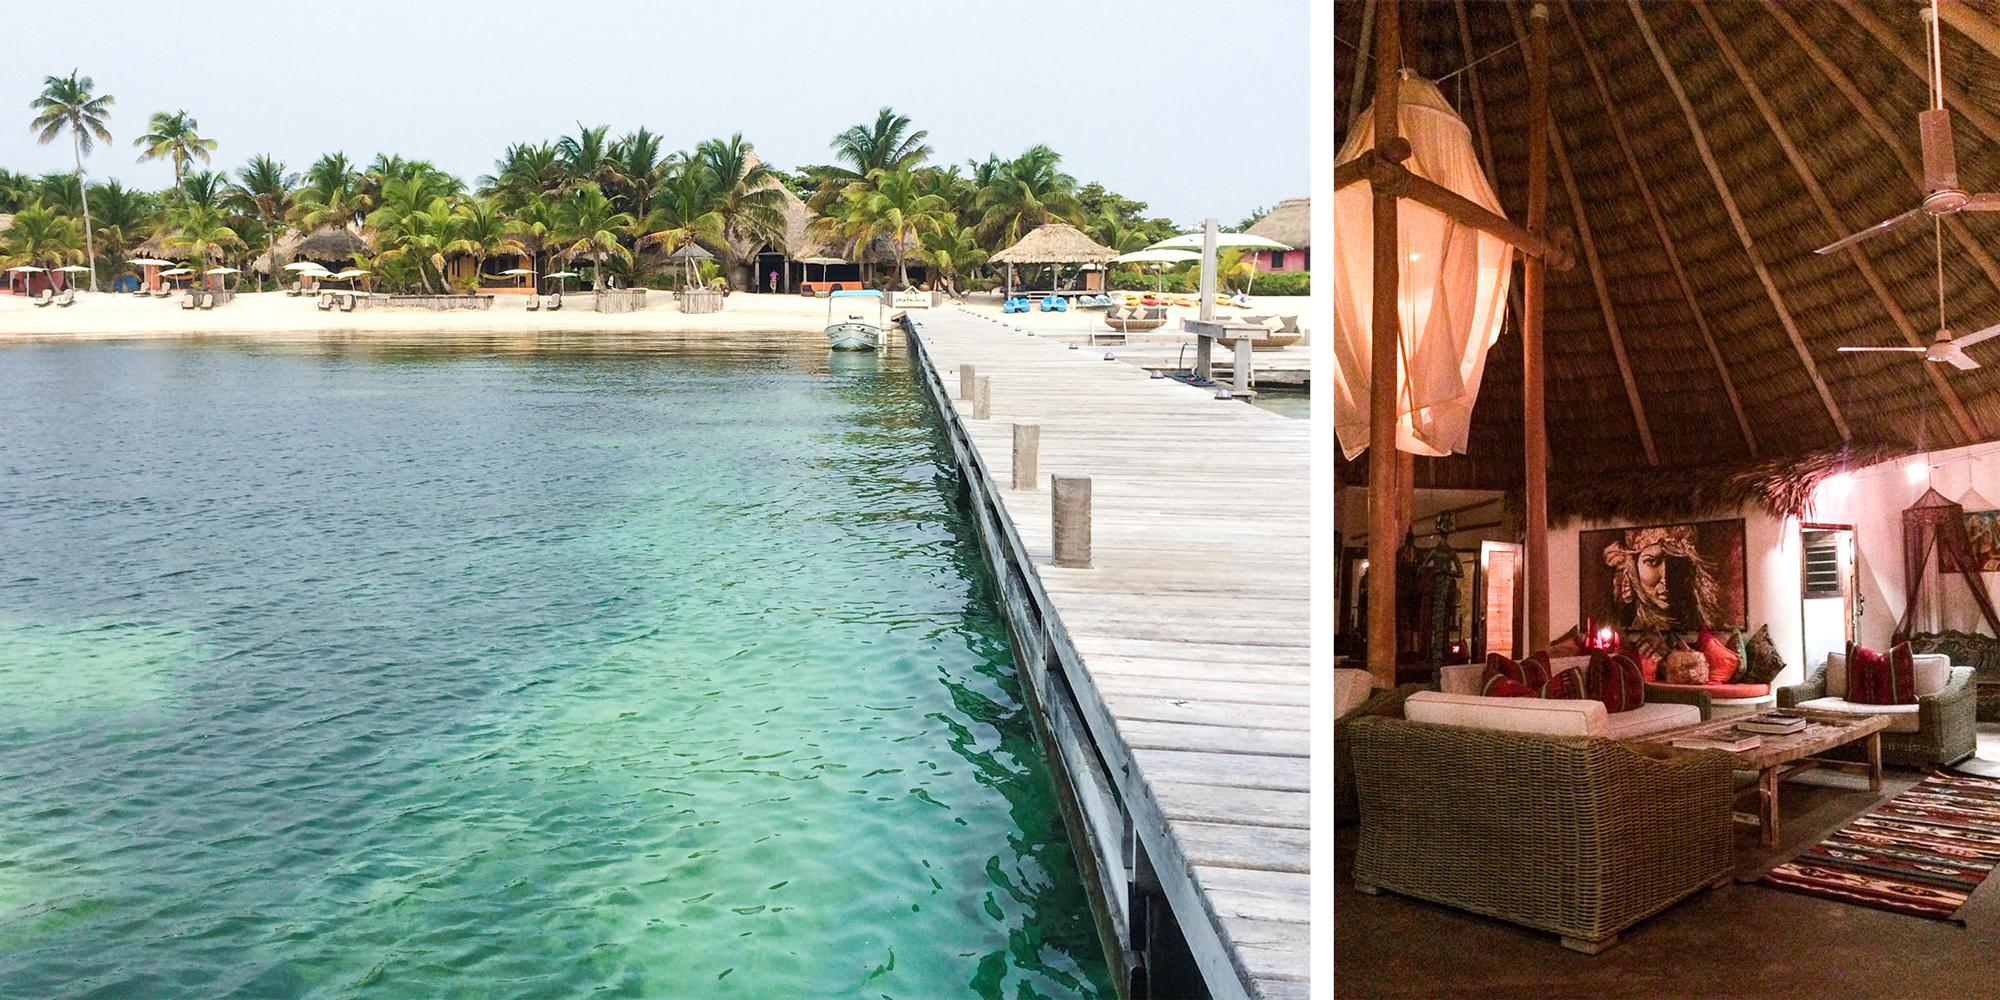 Above: The beautiful Matachica Beach Resort where we stayed.